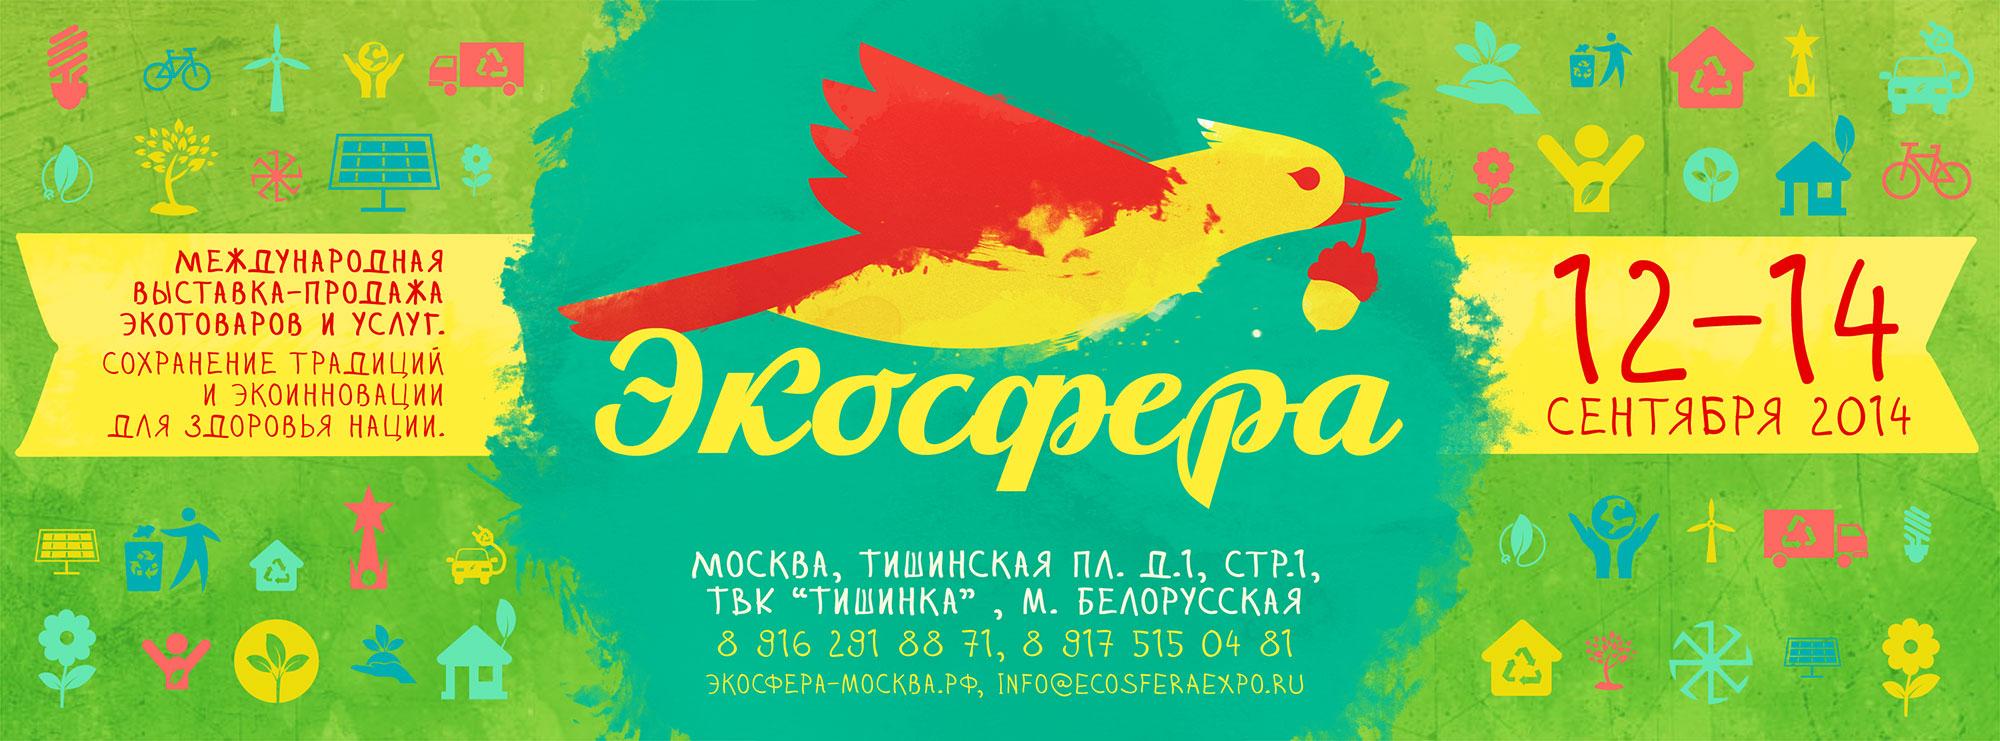 МЕЖДУНАРОДНАЯ ВЫСТАВКА-ПРОДАЖА «ЭКОСФЕРА»!